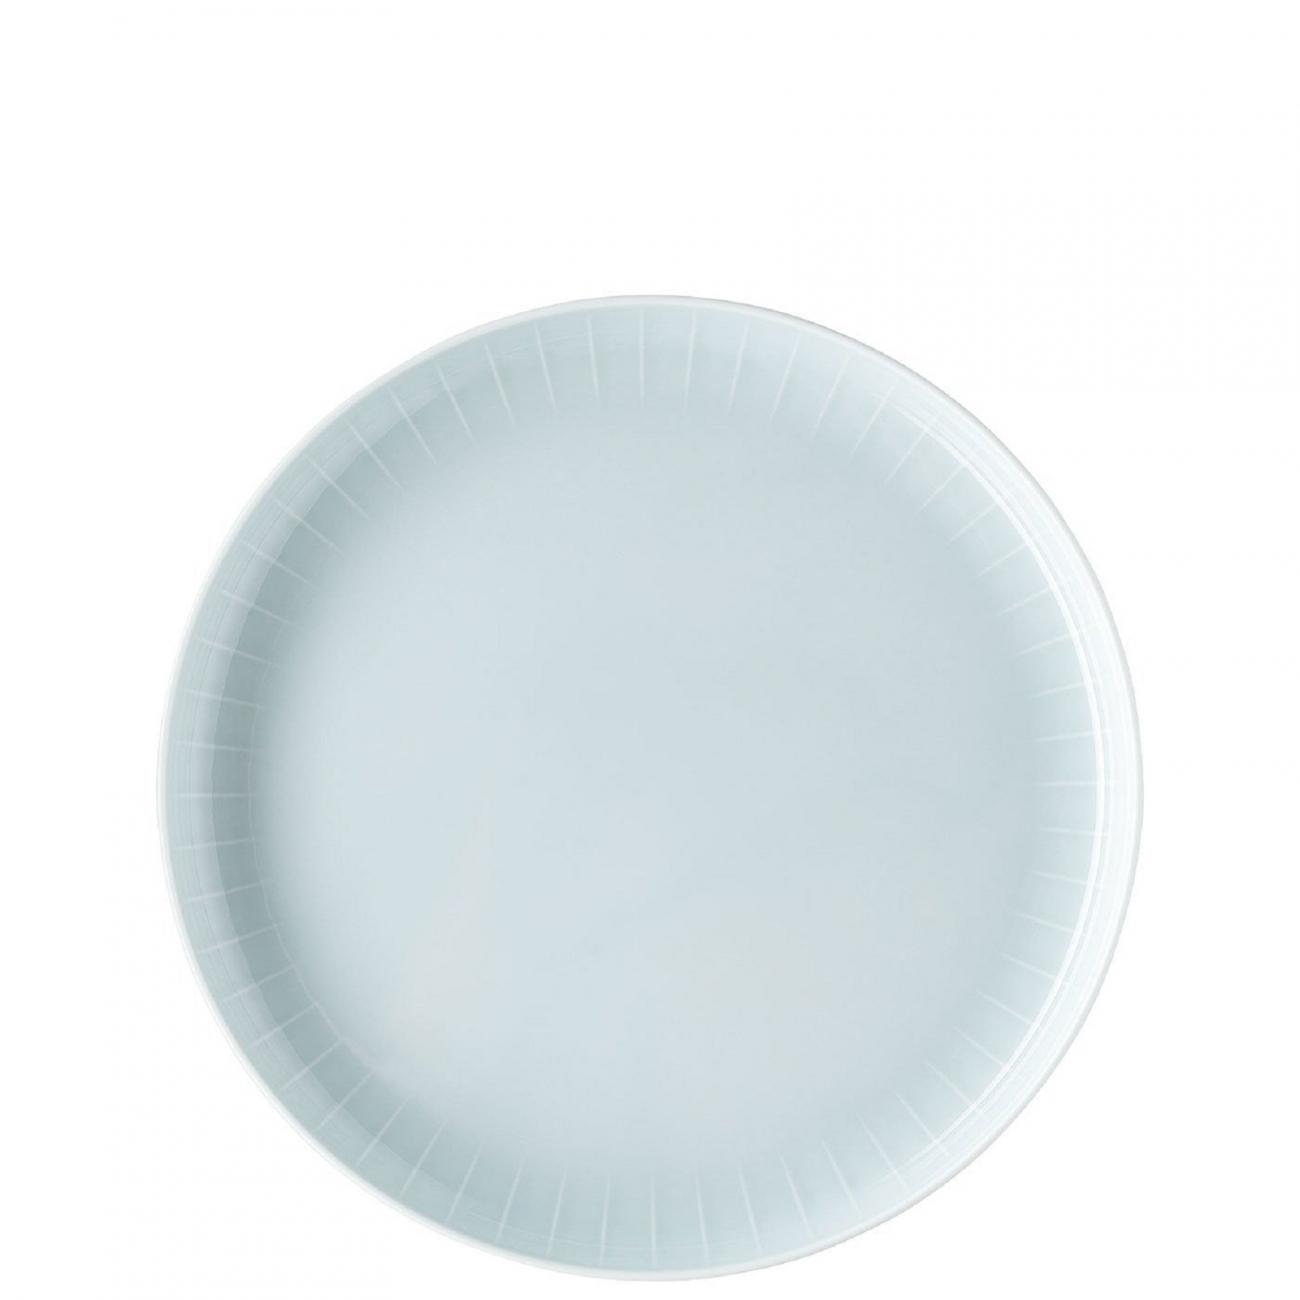 Arzberg Joyn Piatto Gourmet